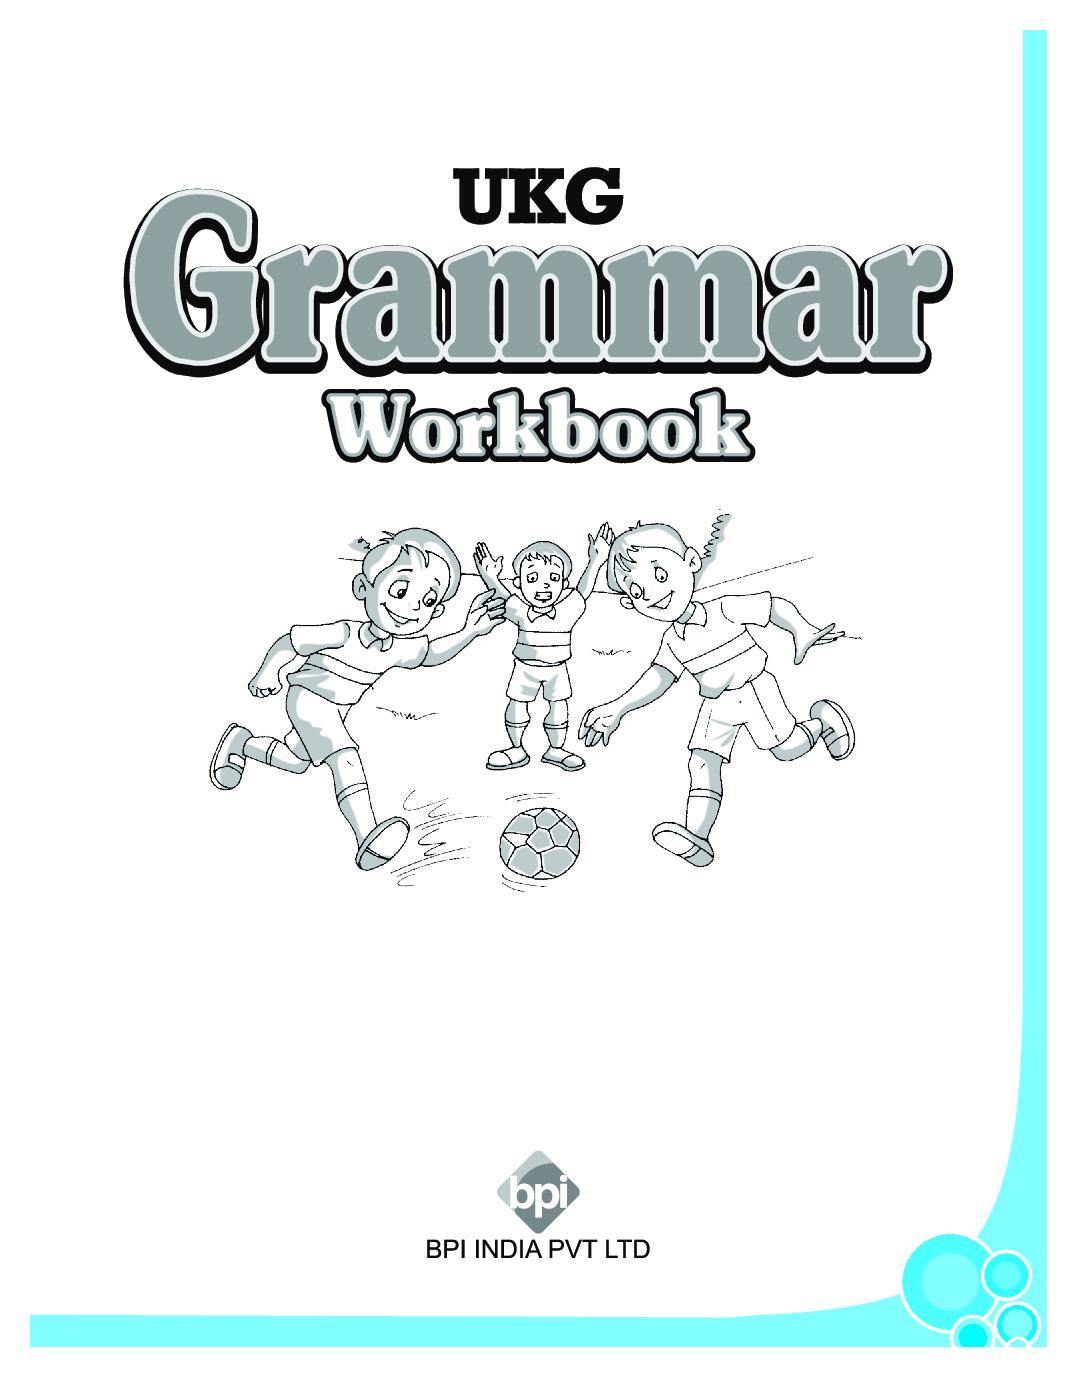 Download Ukg Grammar Workbook By Bpi Online